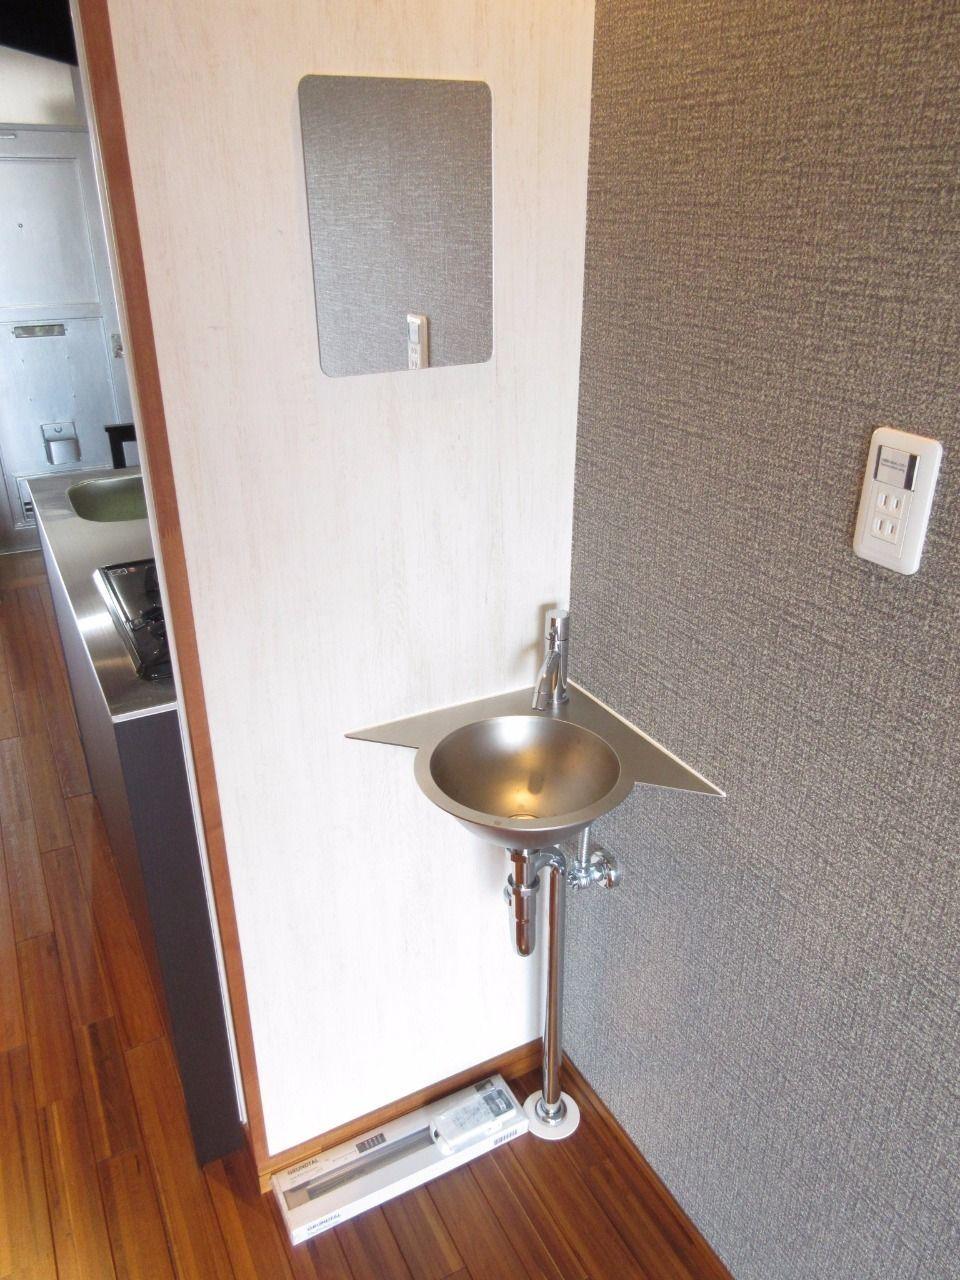 小さい洗面台ですが、あると便利です